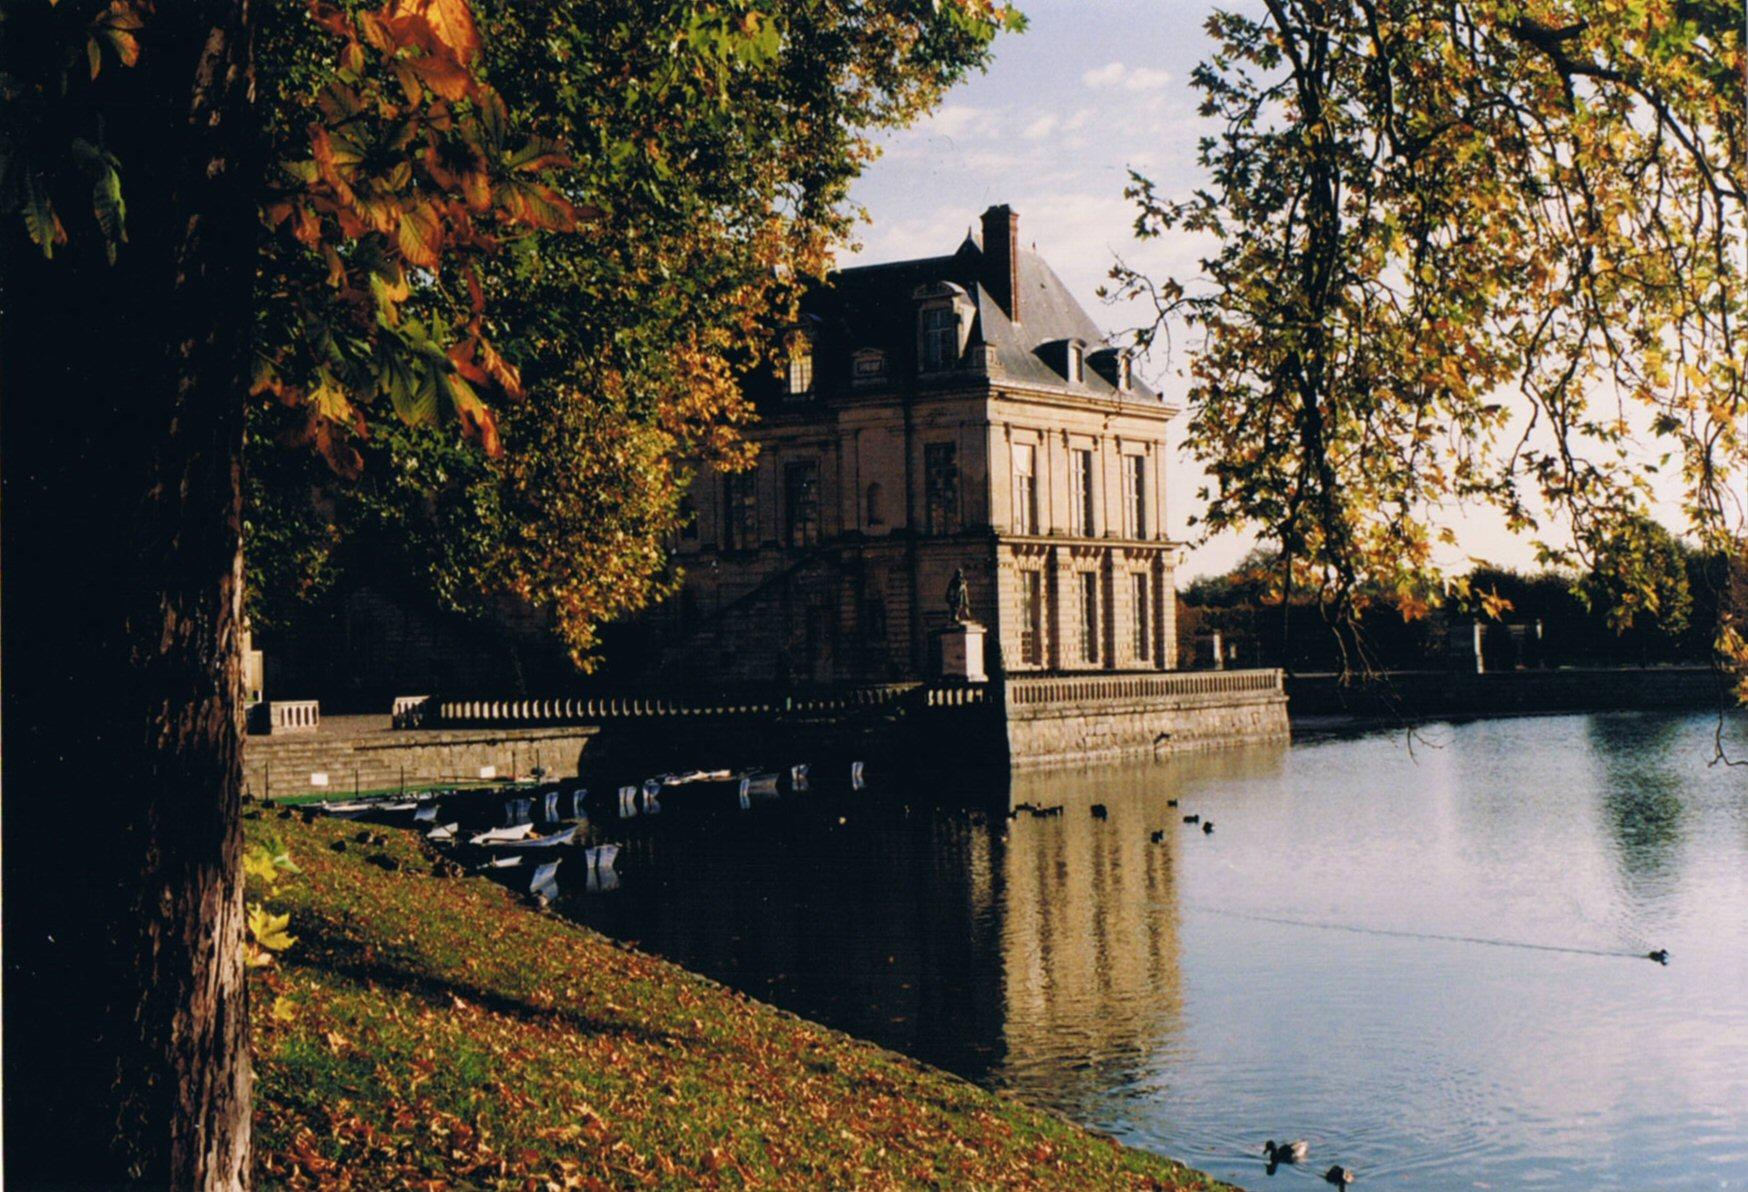 Mes experiences en france le chateau fontainebleau for Architecte fontainebleau